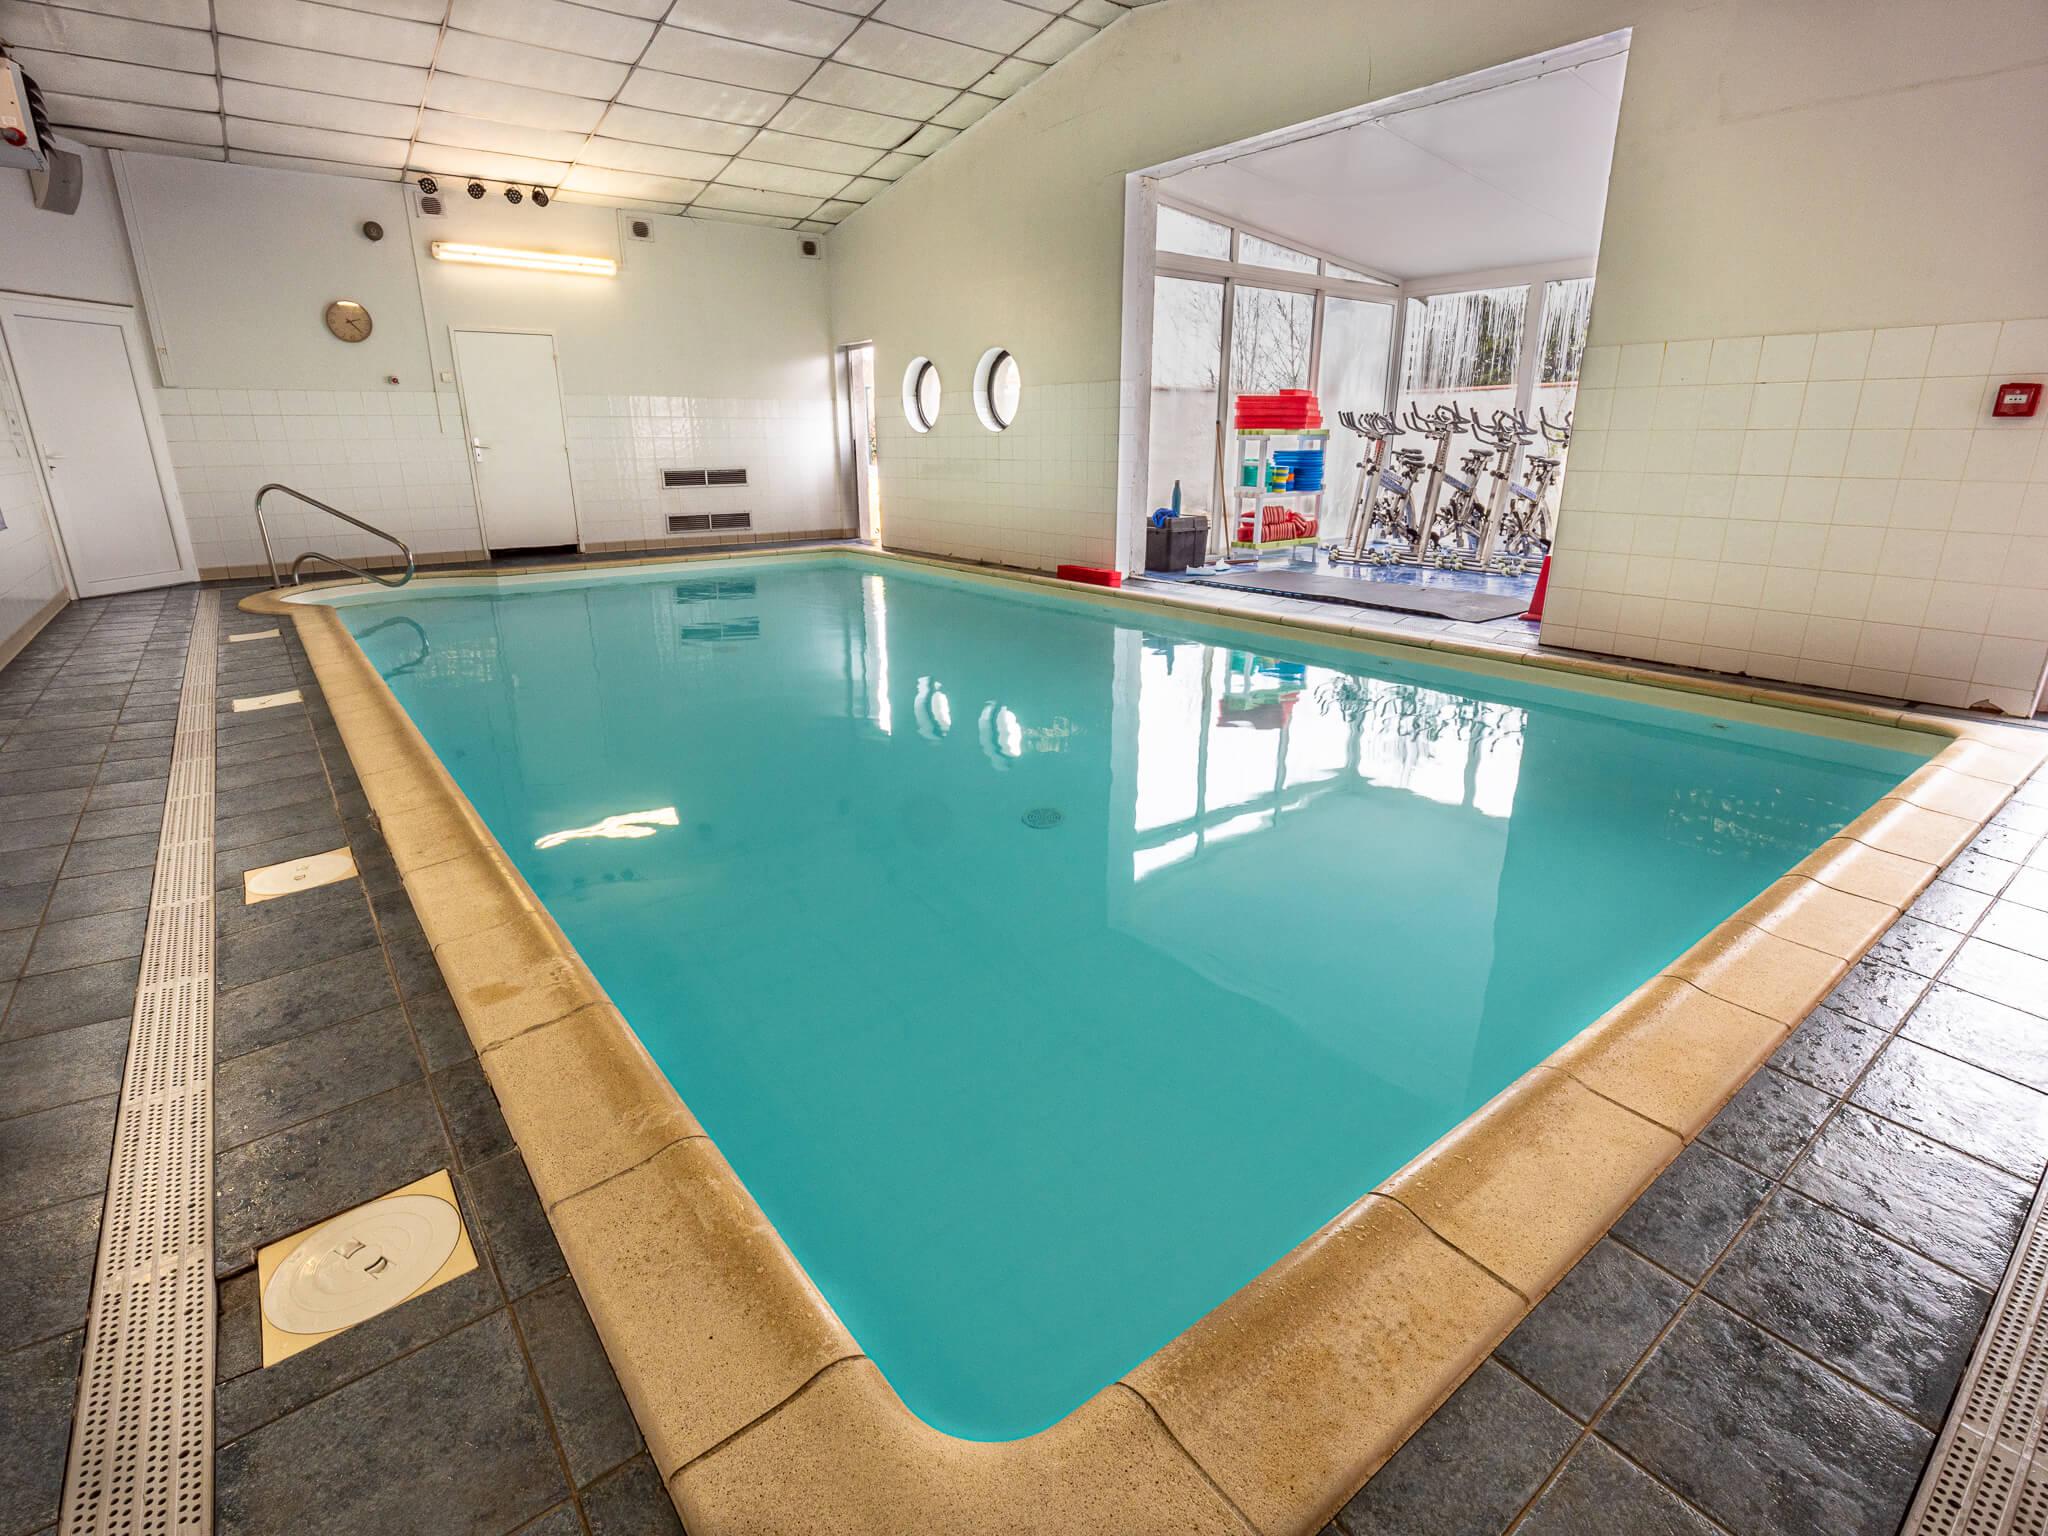 Salle De Sport À Balma Gramont : Musculation, Fitness, Cours ... concernant Piscine Portet Sur Garonne